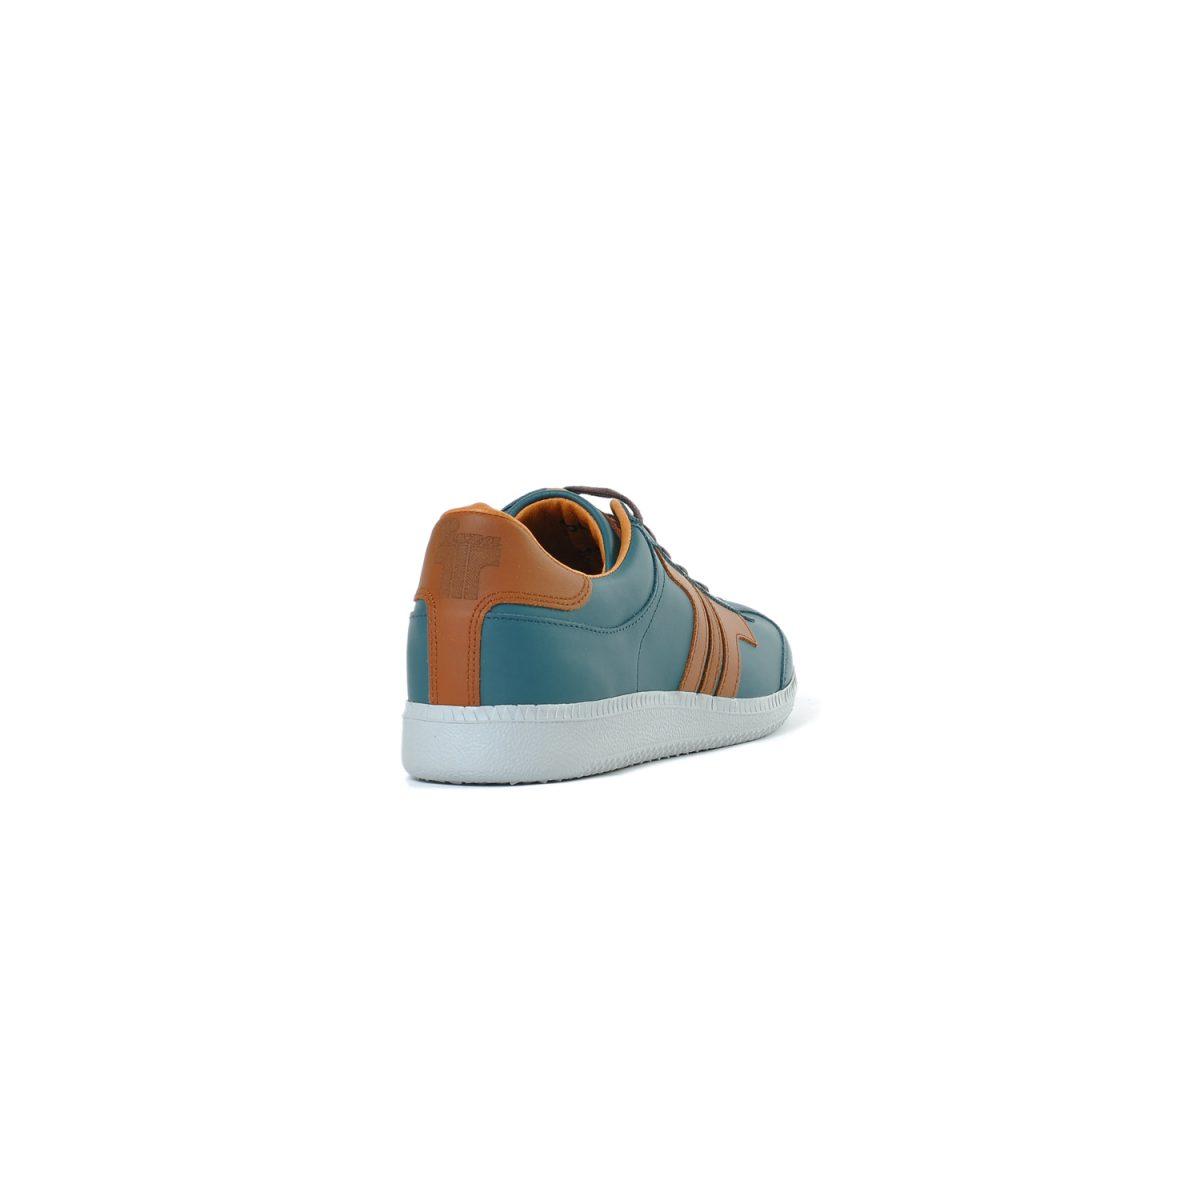 Tisza shoes - Compakt - Bluecoral-mahagony